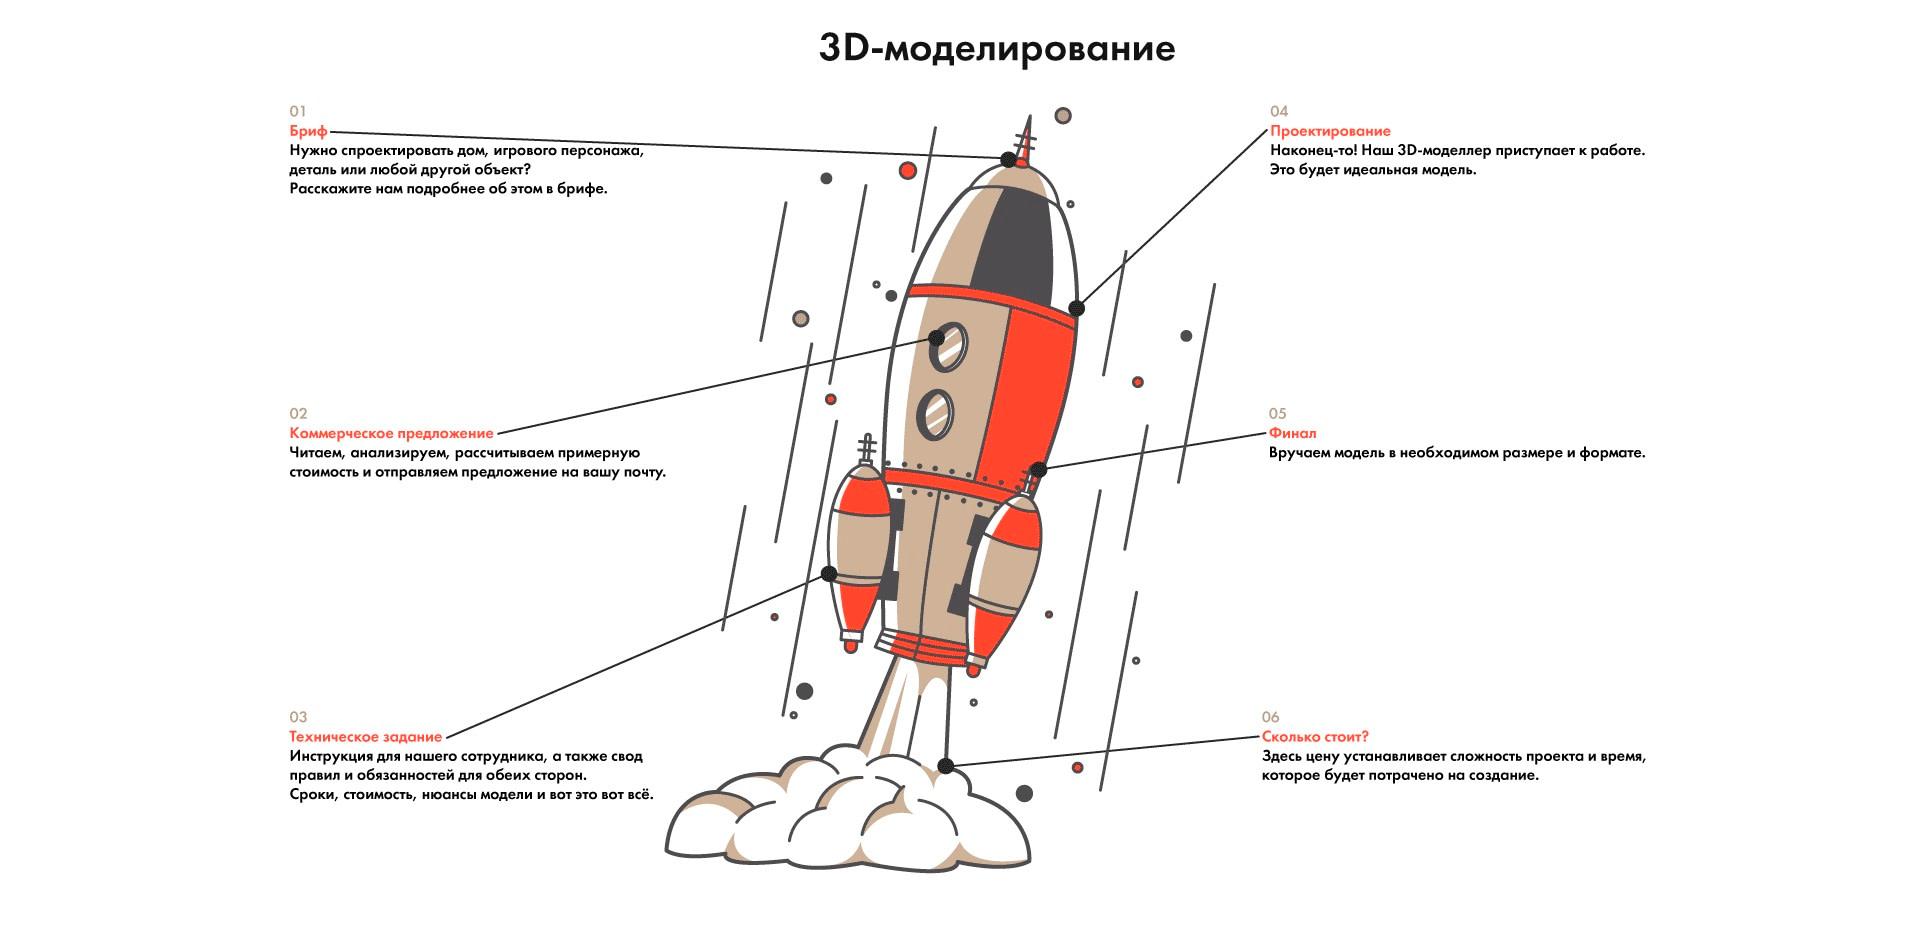 Схема создания 3D-моделей